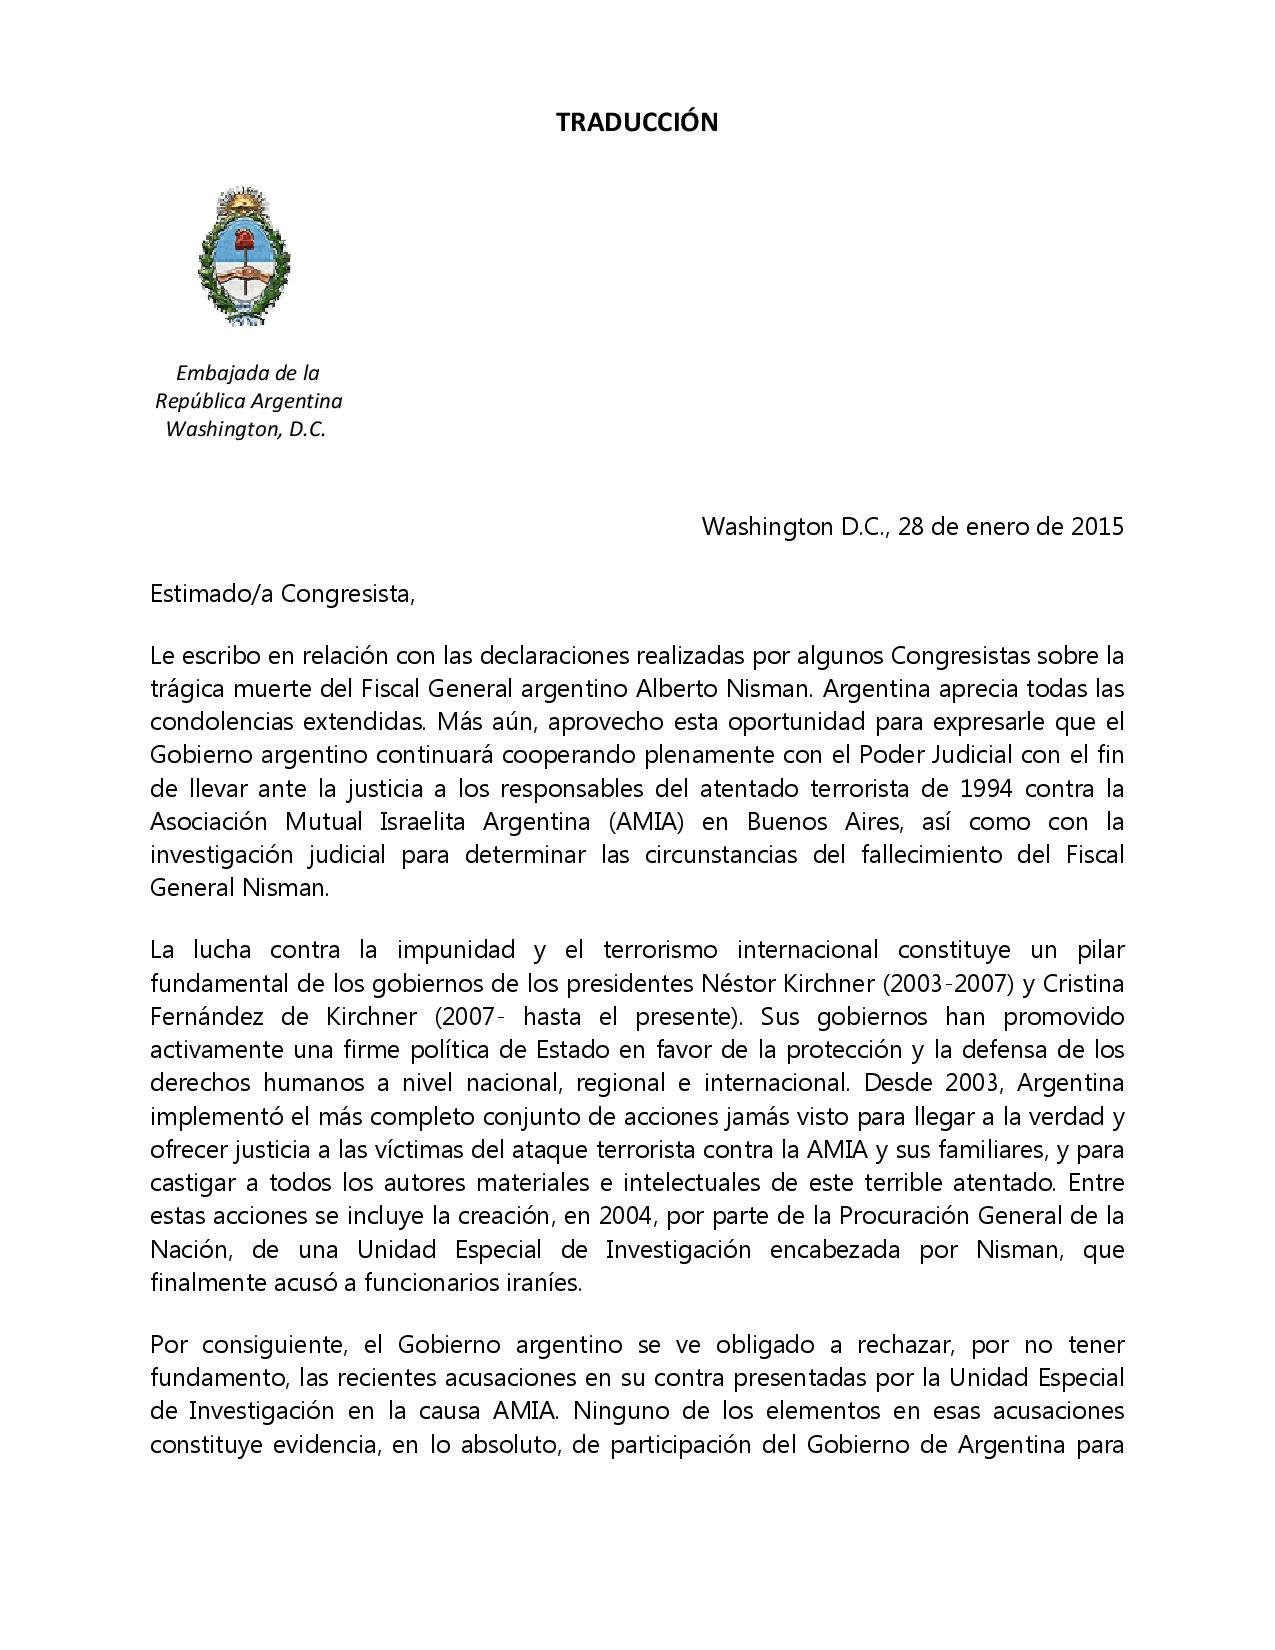 CartaaCongresistasEEUU28deenerode2015_versión final-page-001